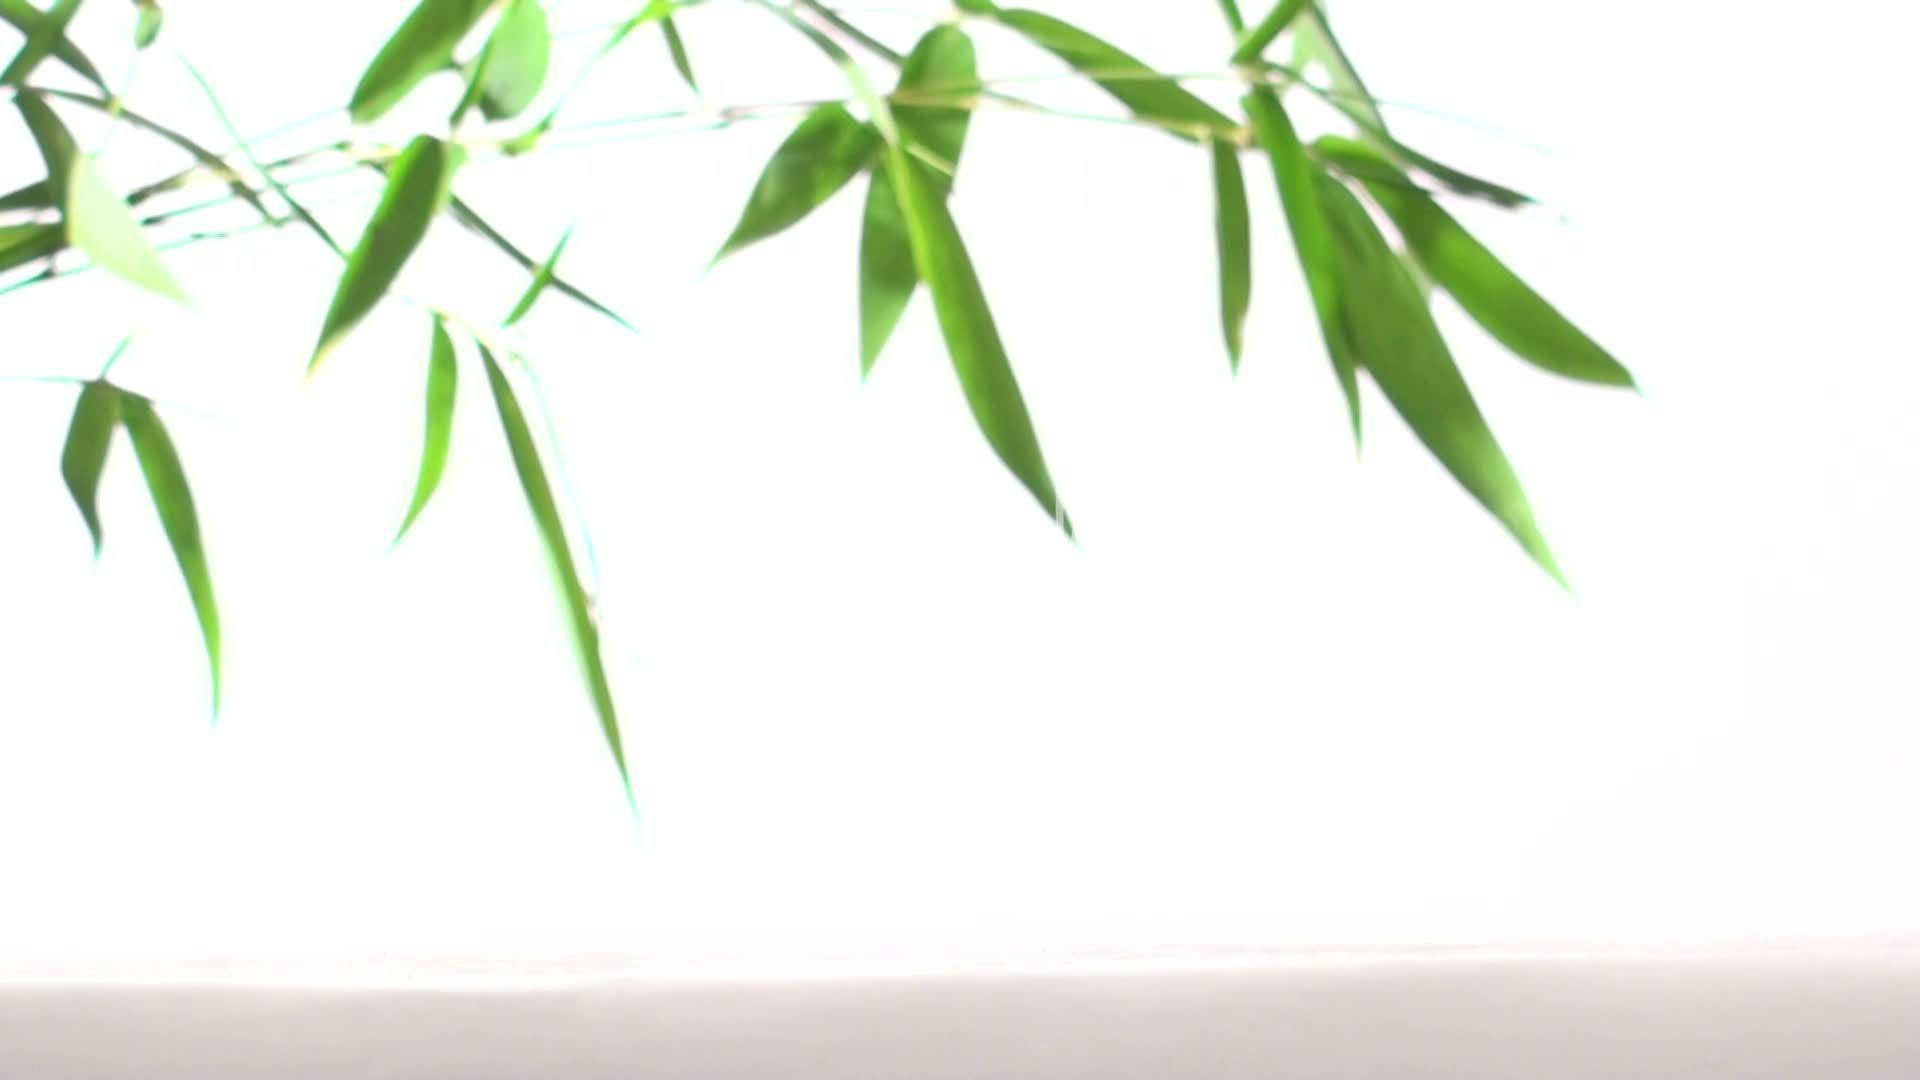 Wellness steine wallpaper  Gestapelte Steine und Bambus: Royalty-free video and stock footage